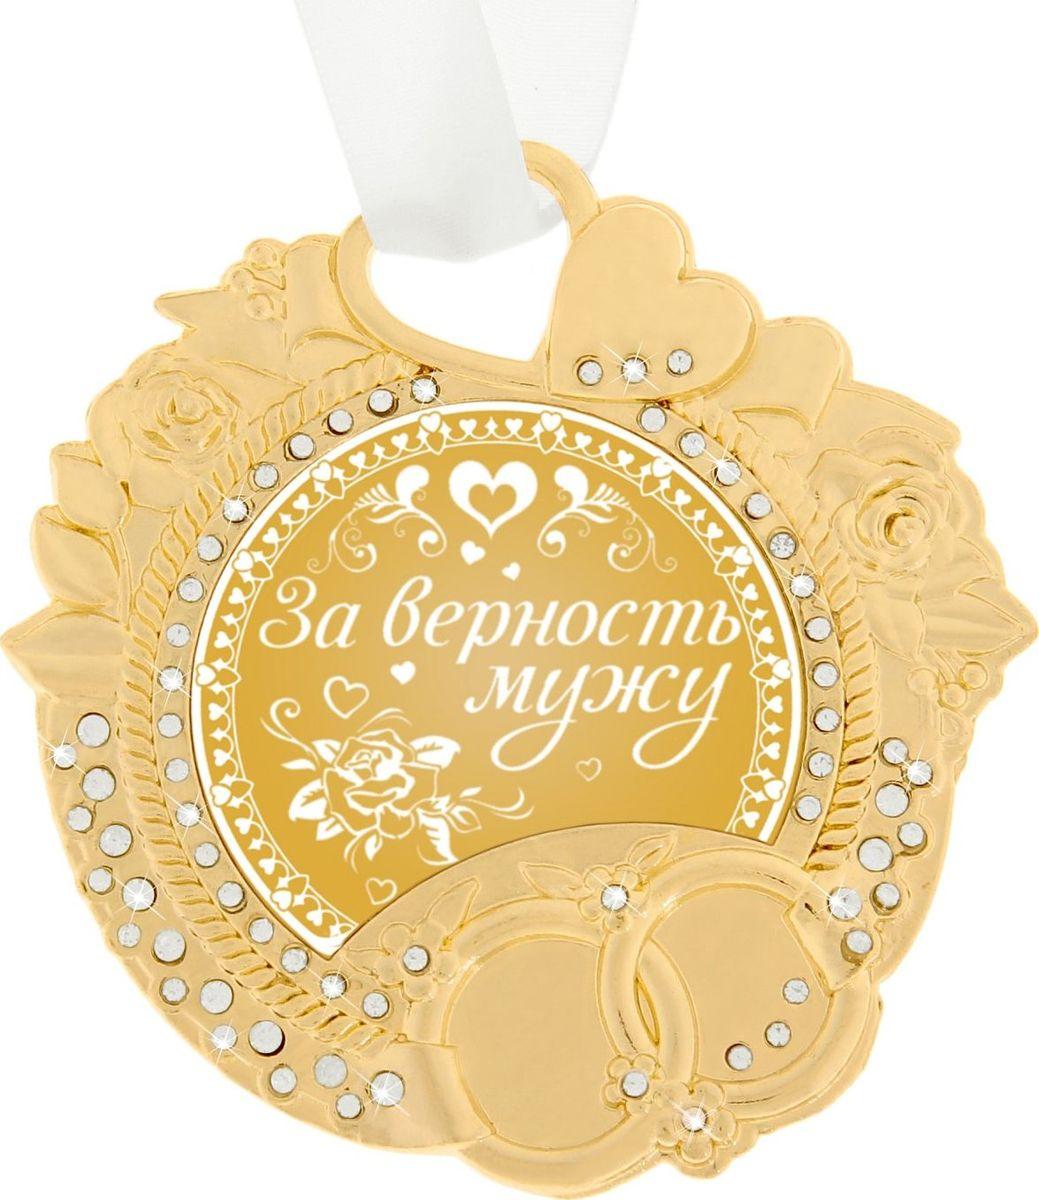 Медаль сувенирная За верность мужу, 8 х 8,5 см675403Медаль свадебная металл За верность мужу 8*8.5 см с романтическим дизайном в духе свадебного торжества- отличный сувенир как для молодоженов, так и для семейных пар, отмечающих годовщину бракосочетания. Металлическая медаль с гравировкой и теплым пожеланием на оборотной стороне инкрустирована стразами, хранится в удобной коробочке пастельных тонов с атласным подкладом. Такой подарок не оставит равнодушным даже самых взыскательных особ, ведь это память о самом счастливом дне в жизни.